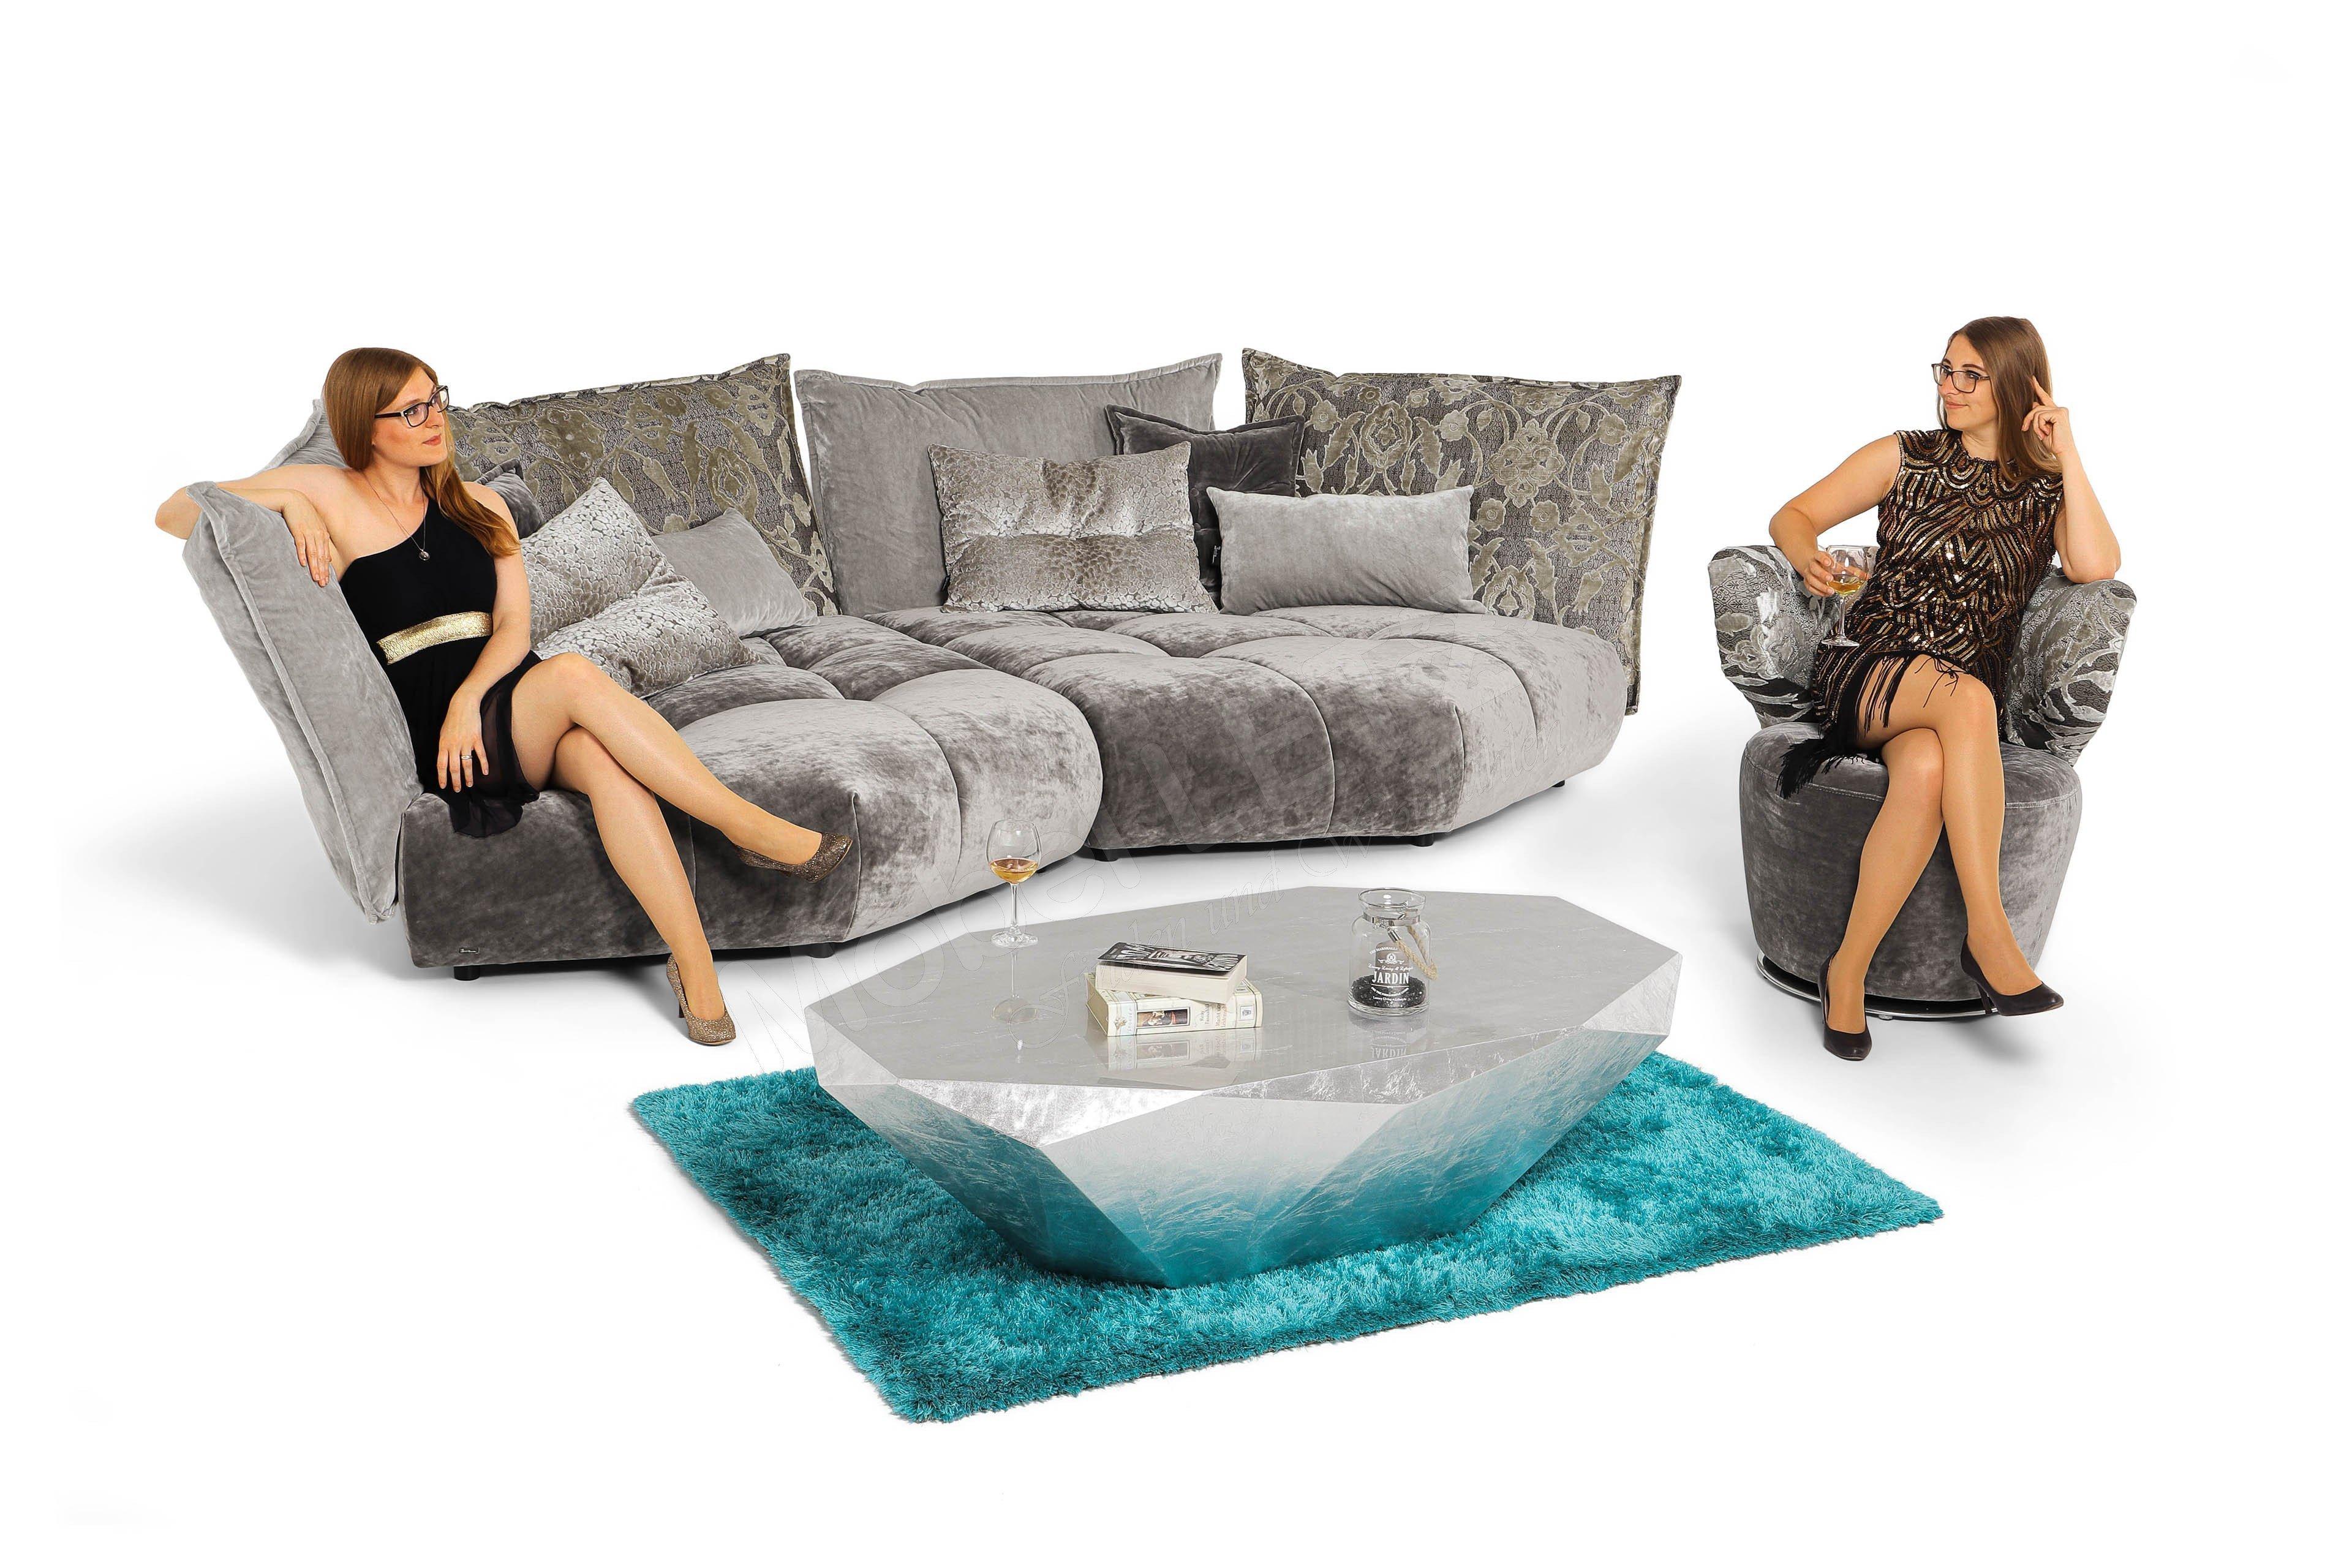 Bretz Matilda Sofa panter-deep blue | Möbel Letz - Ihr Online-Shop